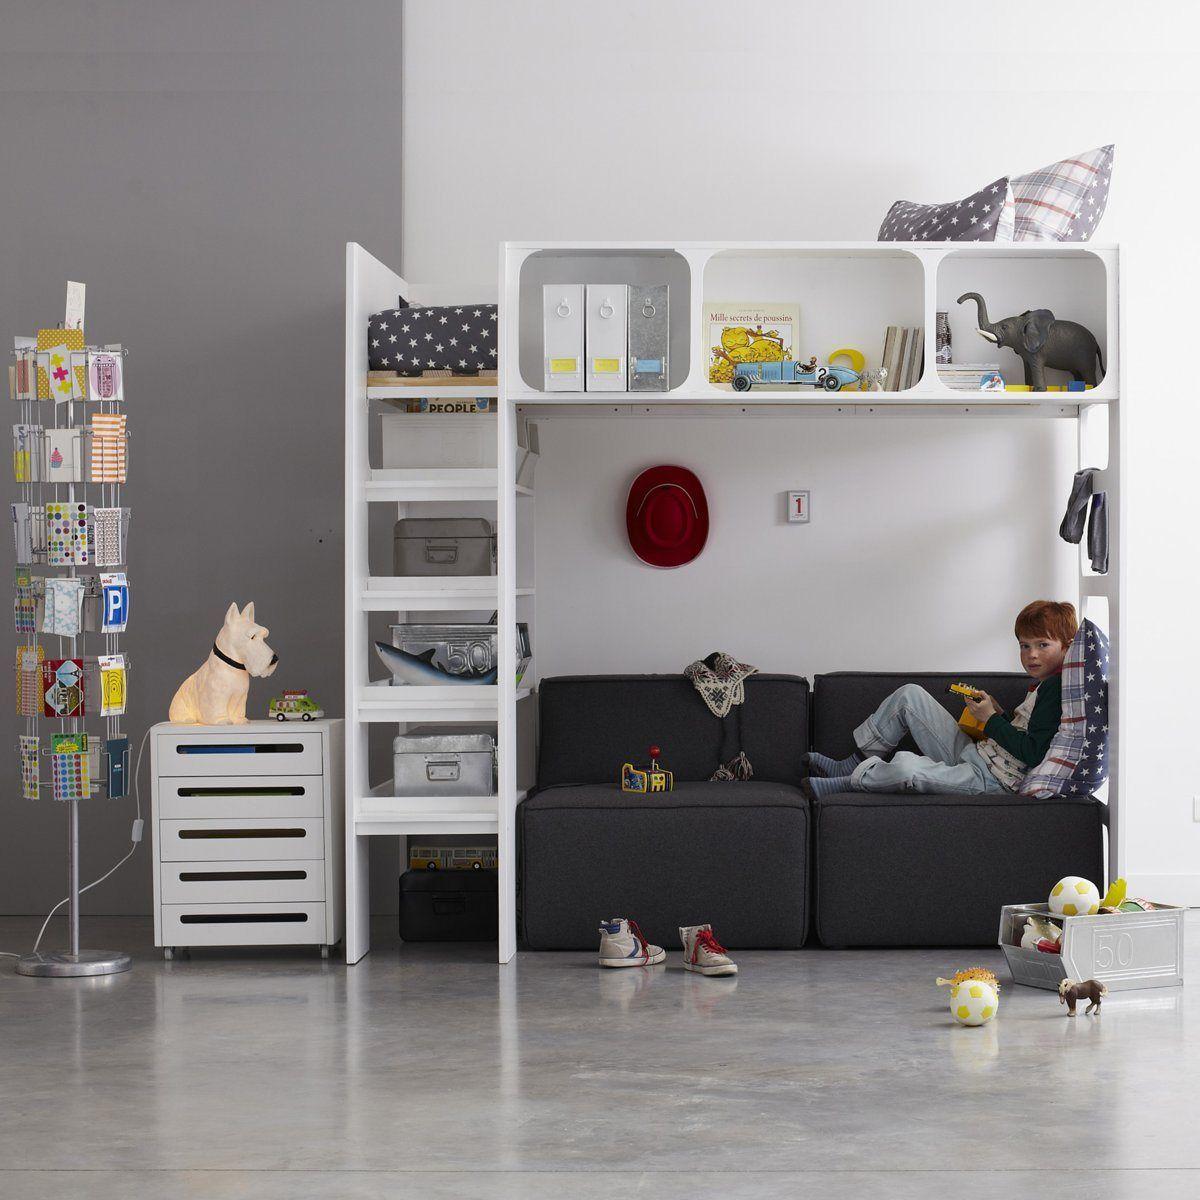 Pin de Suzanne HL en kid stuff | Pinterest | Pecas, Dormitorio y Cosas